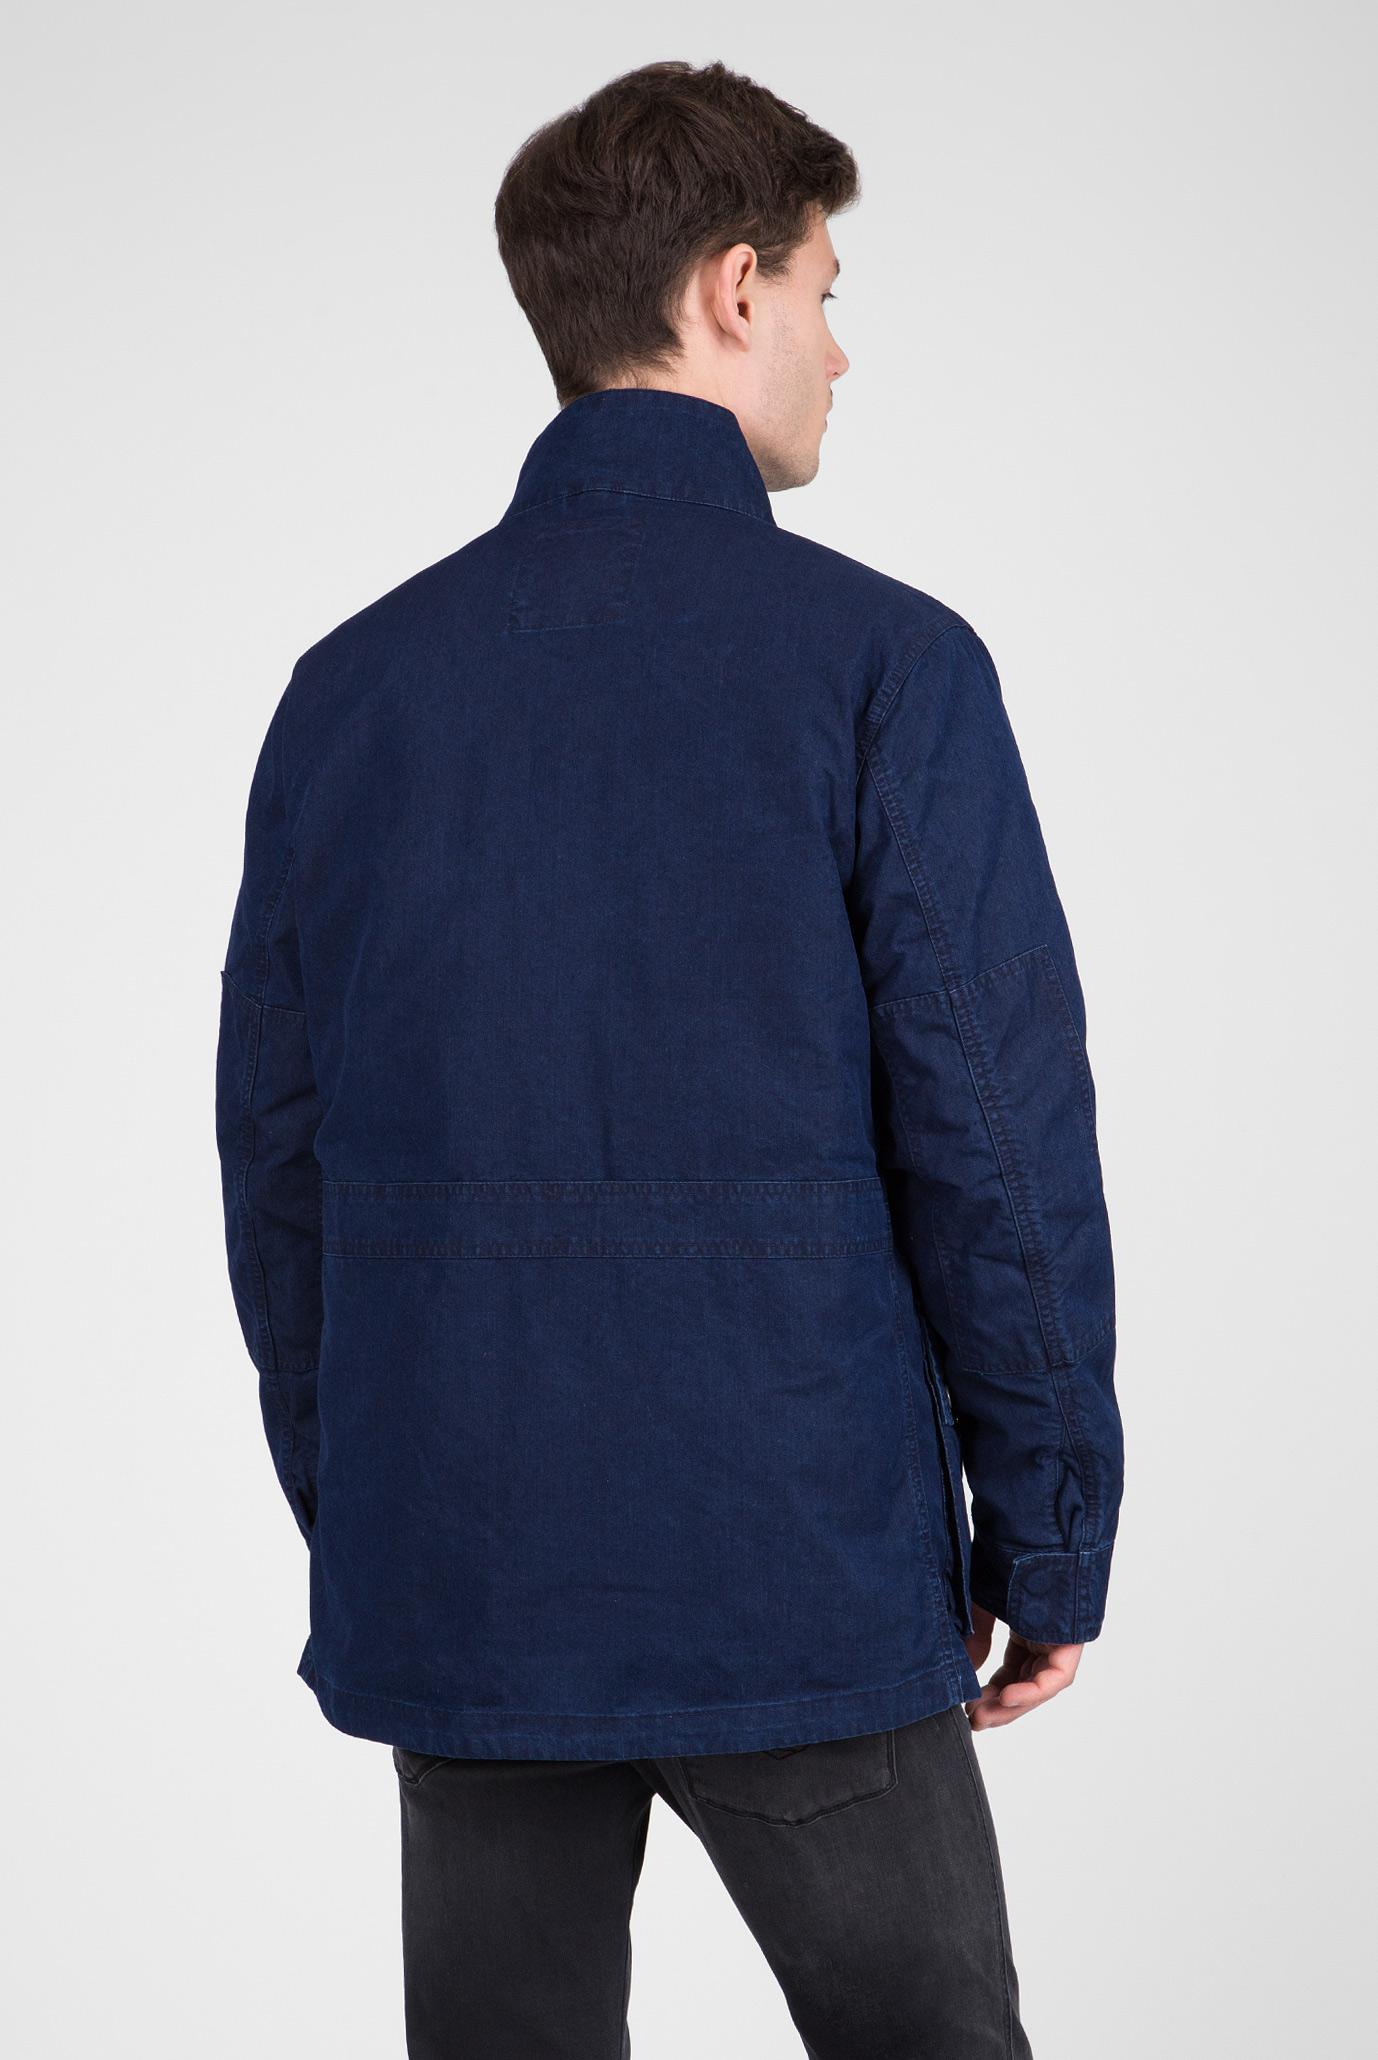 Мужская темно-синяя парка 2 в 1 LIVERY Pepe Jeans